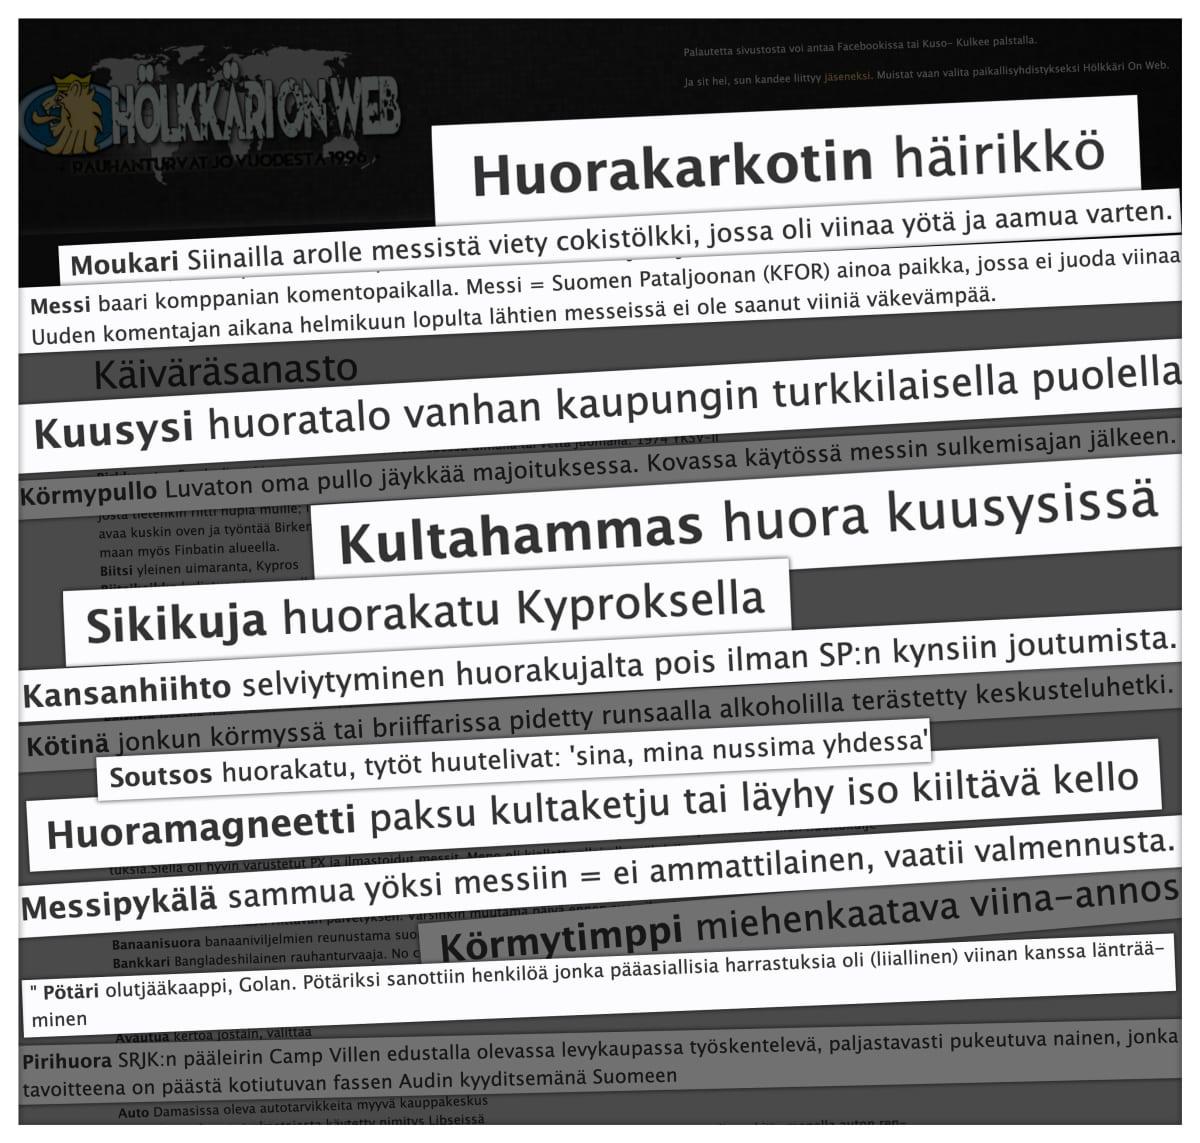 """Otteita Suomen Rauhanturvaajaliiton jäsenyhdistys Hölkkäri On Webin verkkosivuillaan julkaisemasta rauhanturvaajille suunnatusta """"sanastosta""""."""